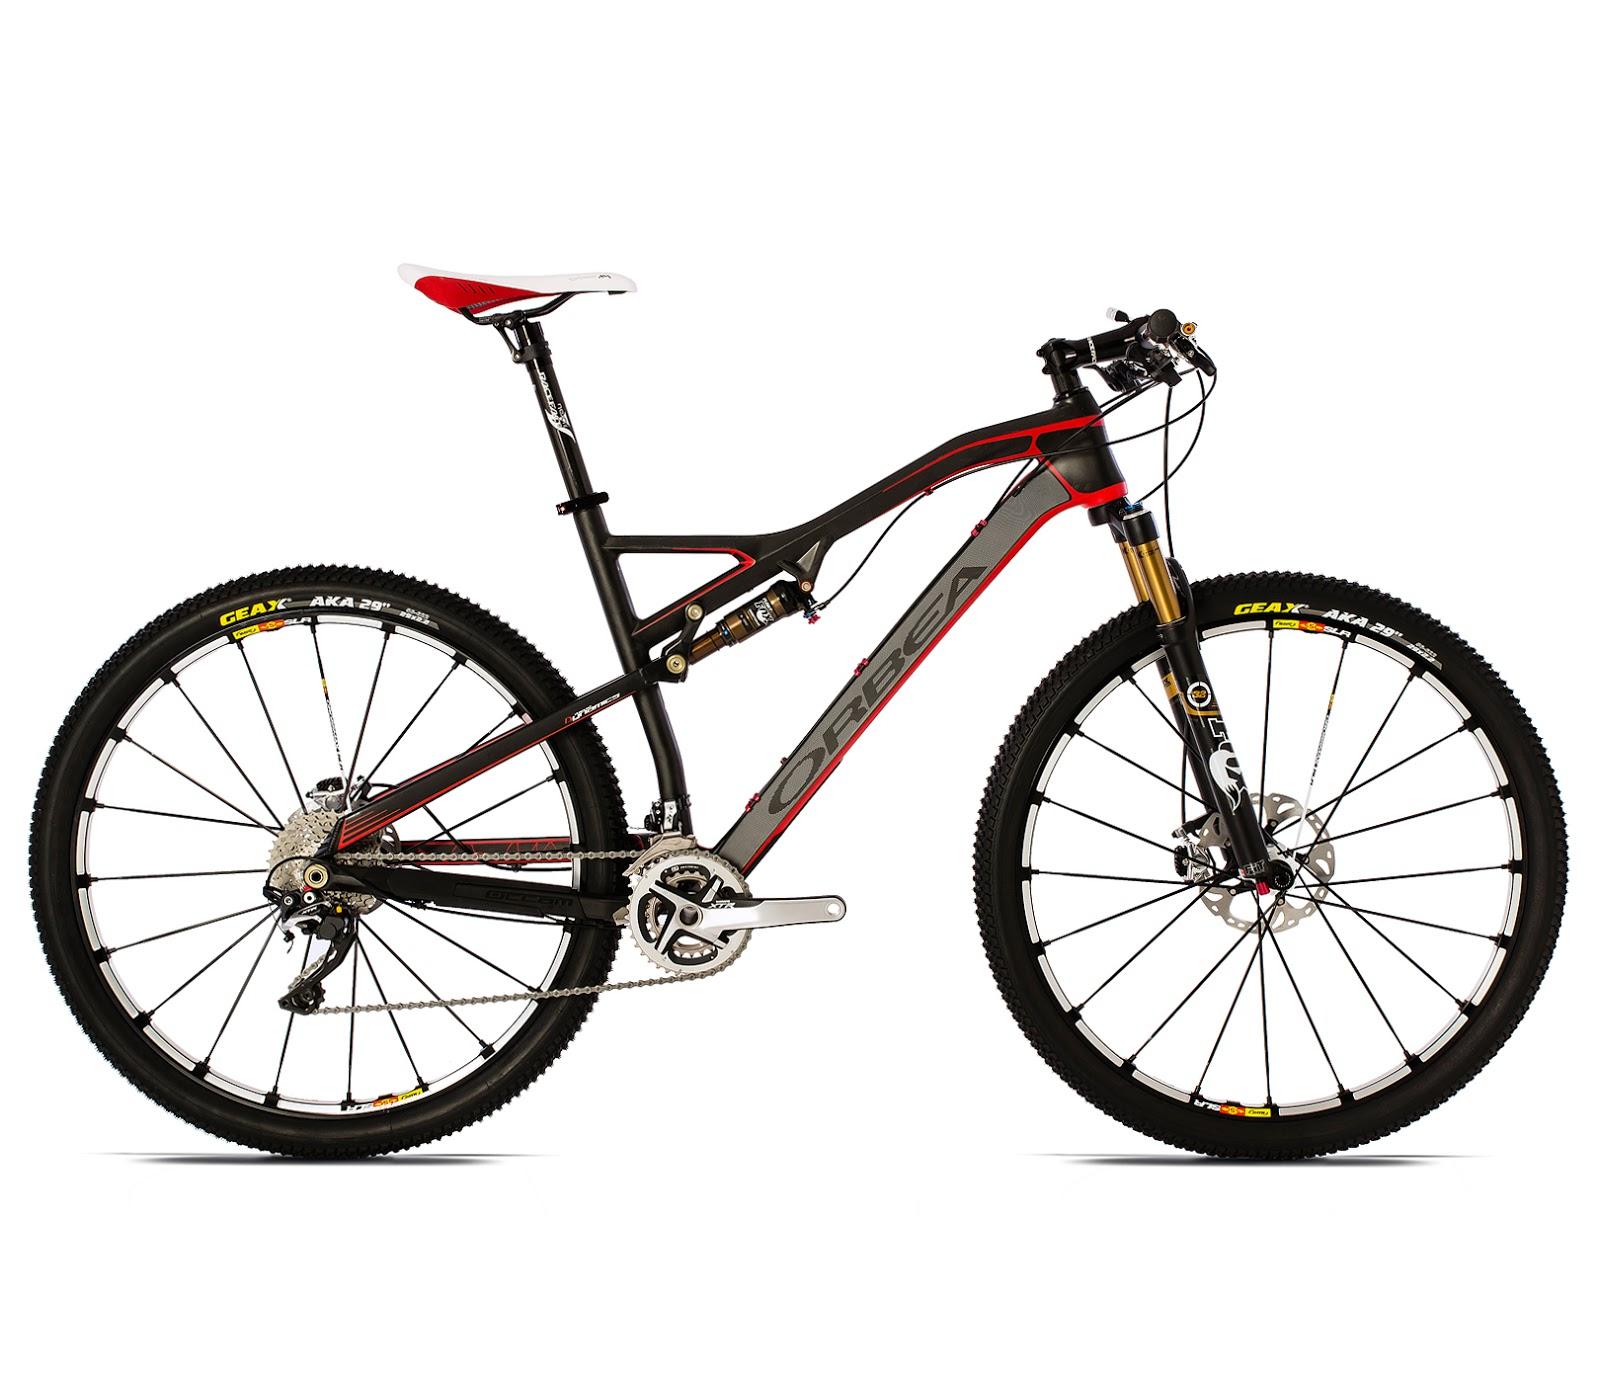 2013 Orbea Occam 29er S10 Bike - MTB29er.com